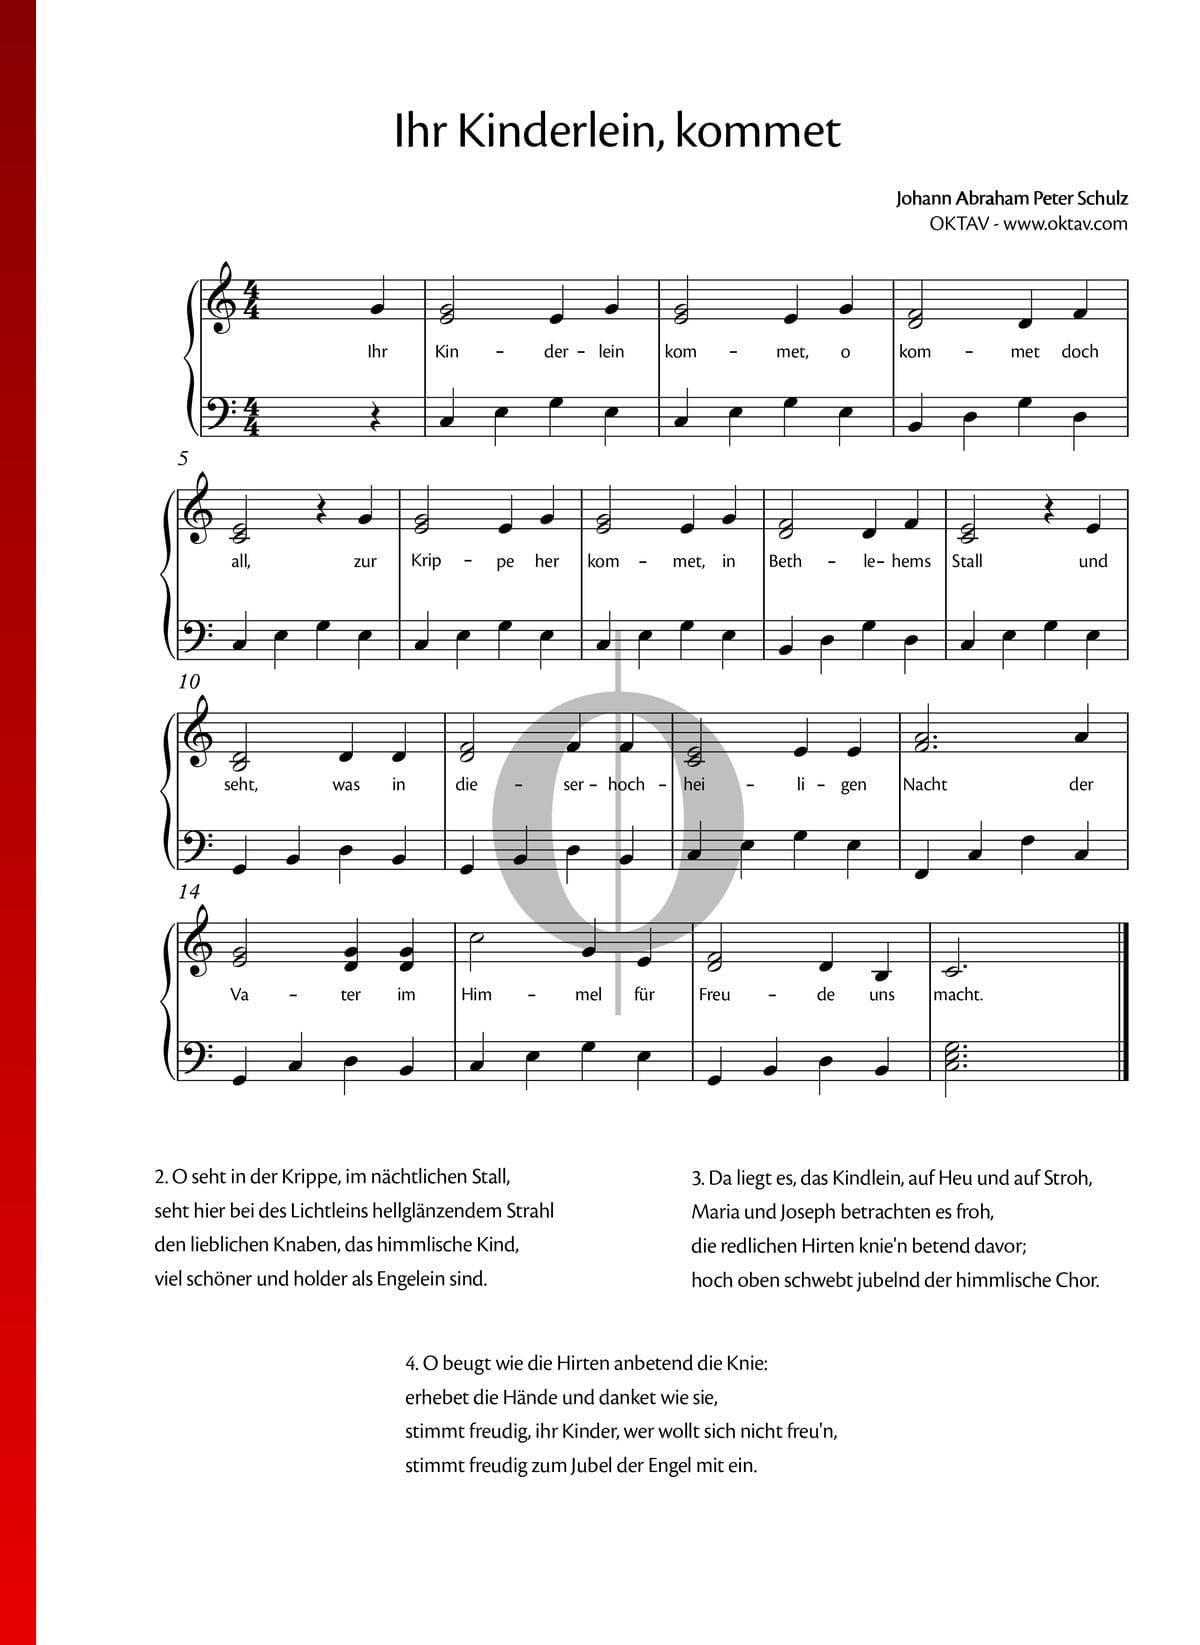 Weihnachtslieder Klavier Pdf.Ihr Kinderlein Kommet Noten Piano Gesang Pdf Download